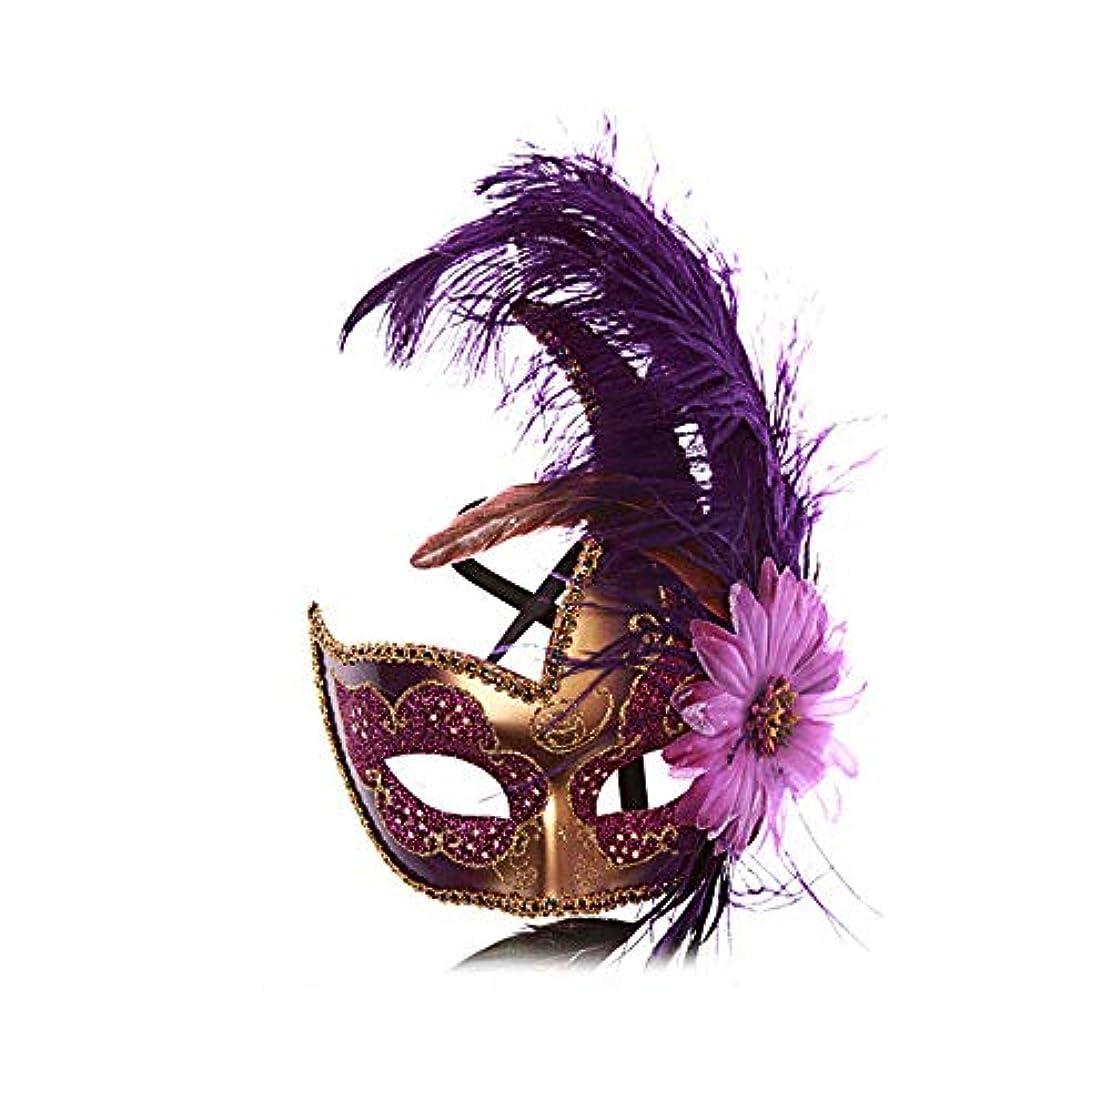 ミス削除する回復するNanle ハロウィンマスクハーフフェザーマスクベニスプリンセスマスク美容レース仮面ライダーコスプレ (色 : Style B purple)